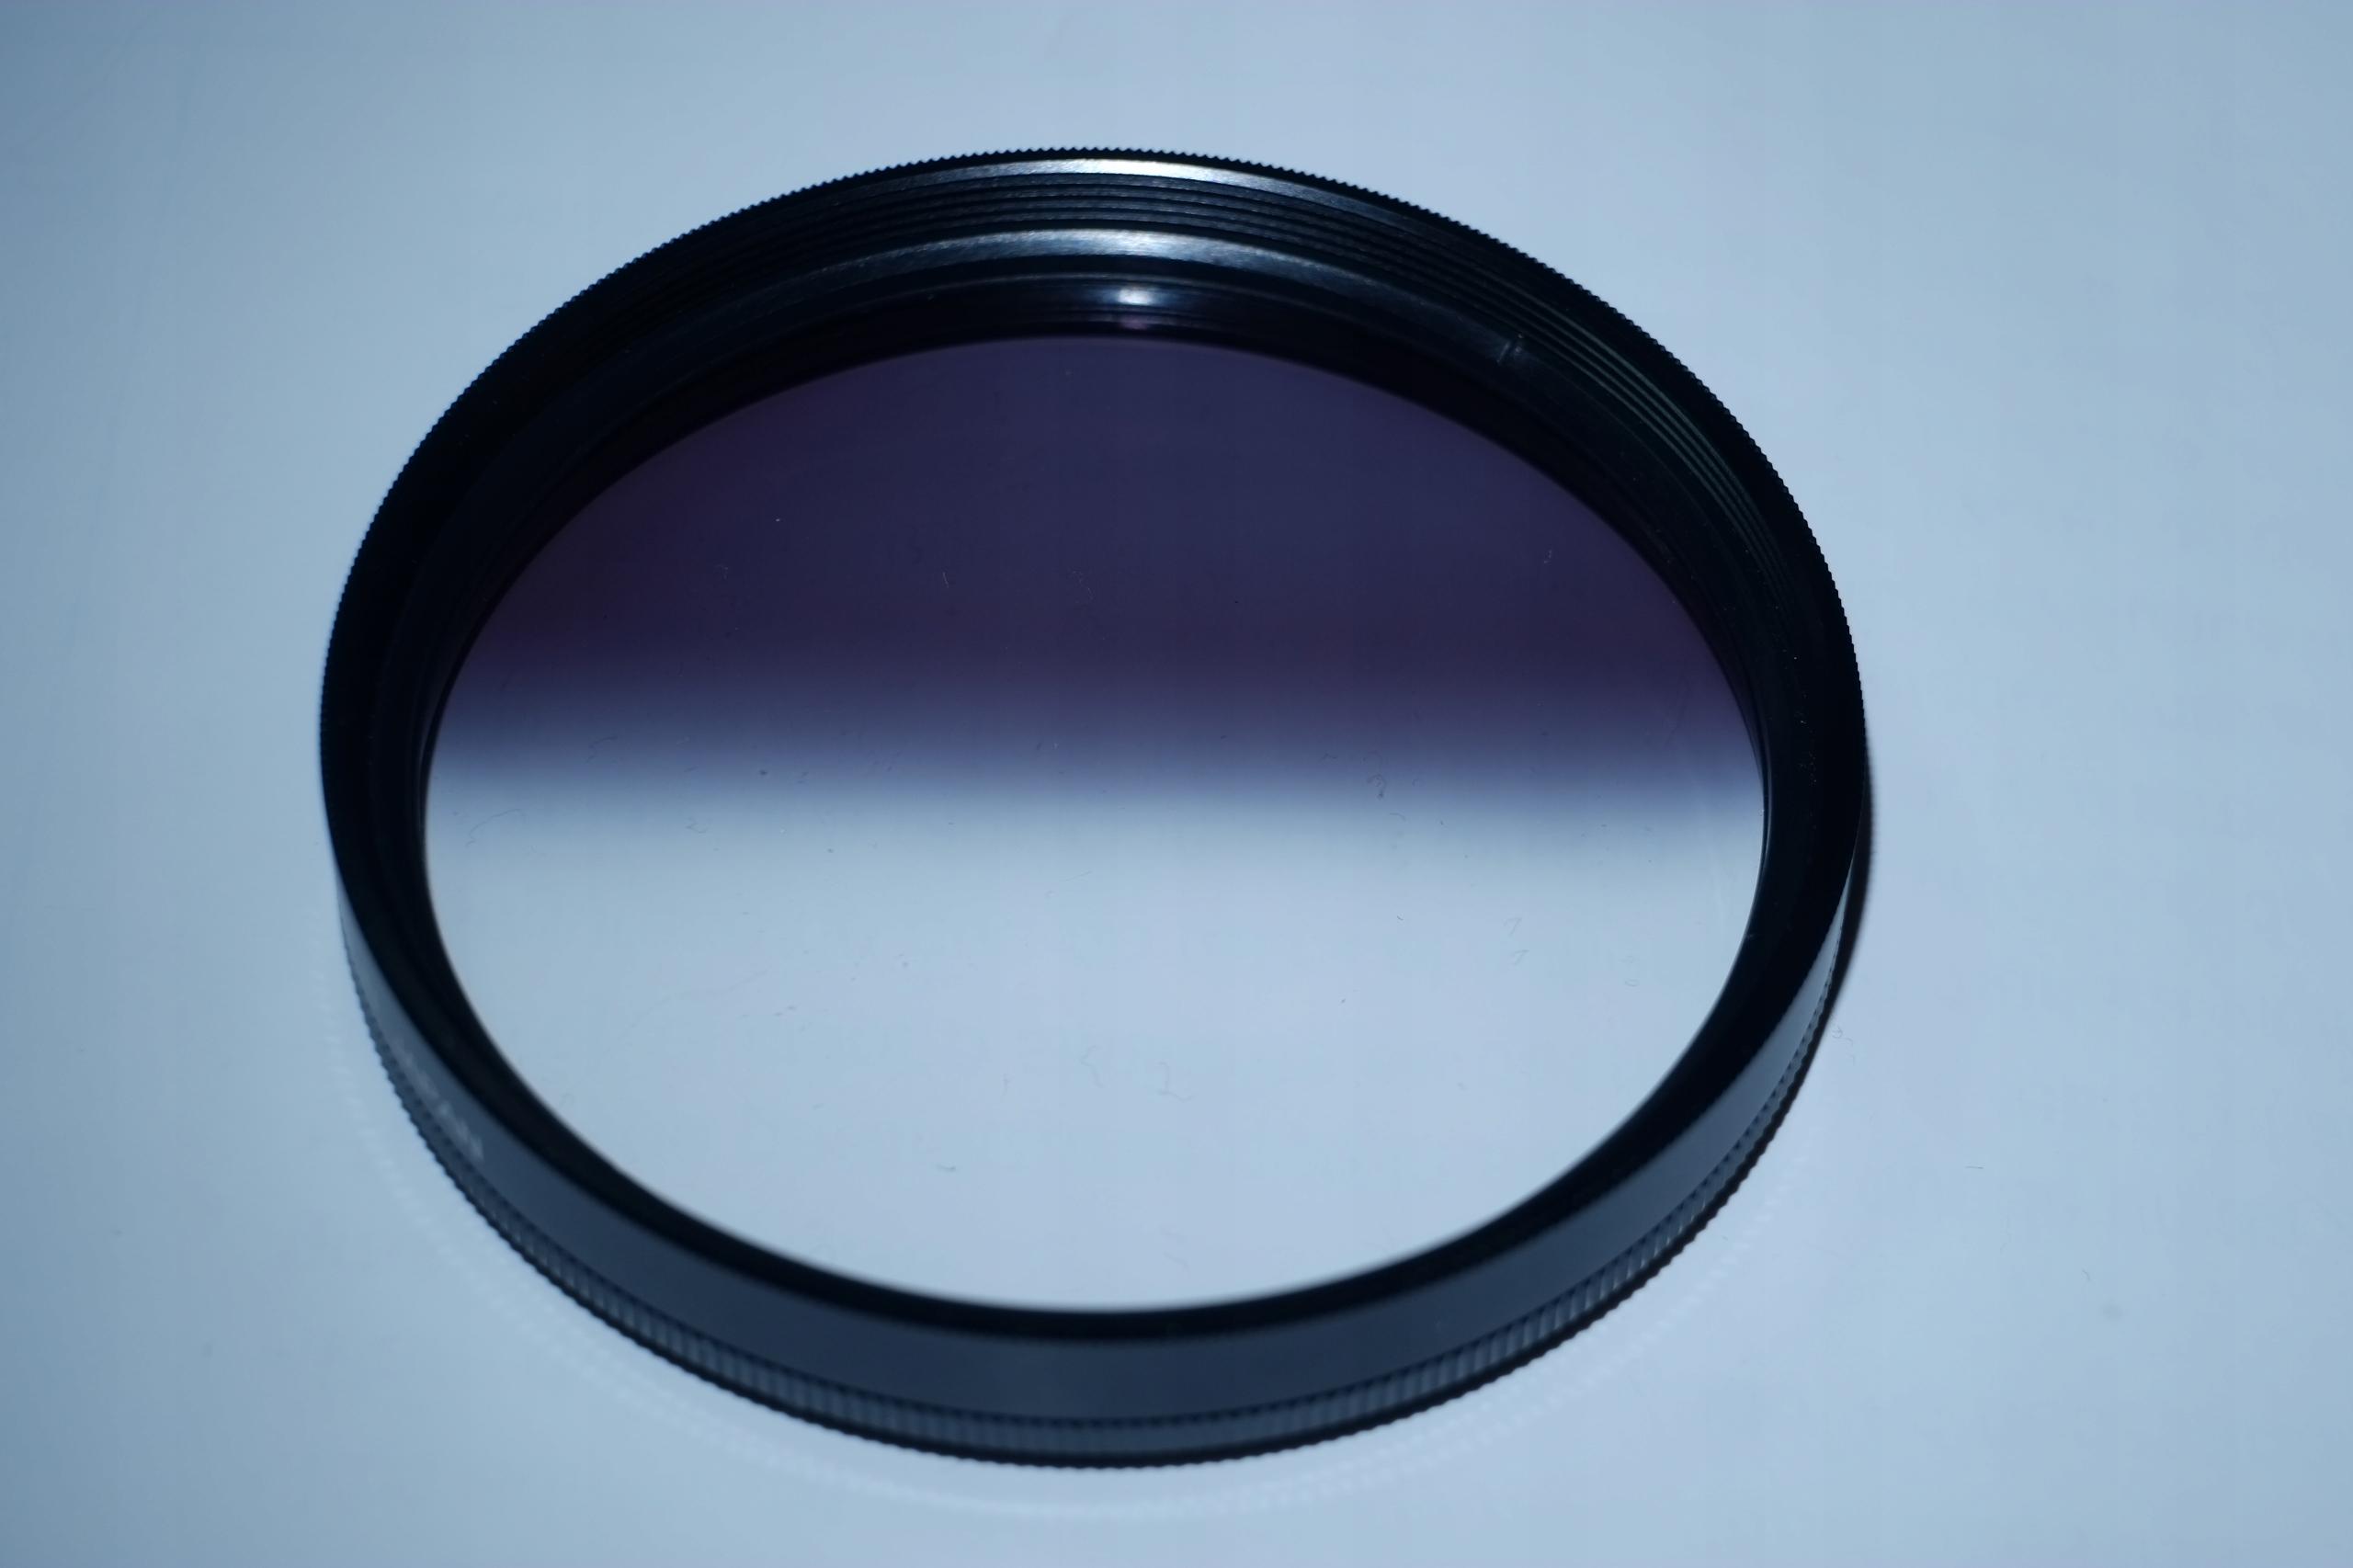 Filtr kołowy/połówkowy neutralny szary Marumi 62mm